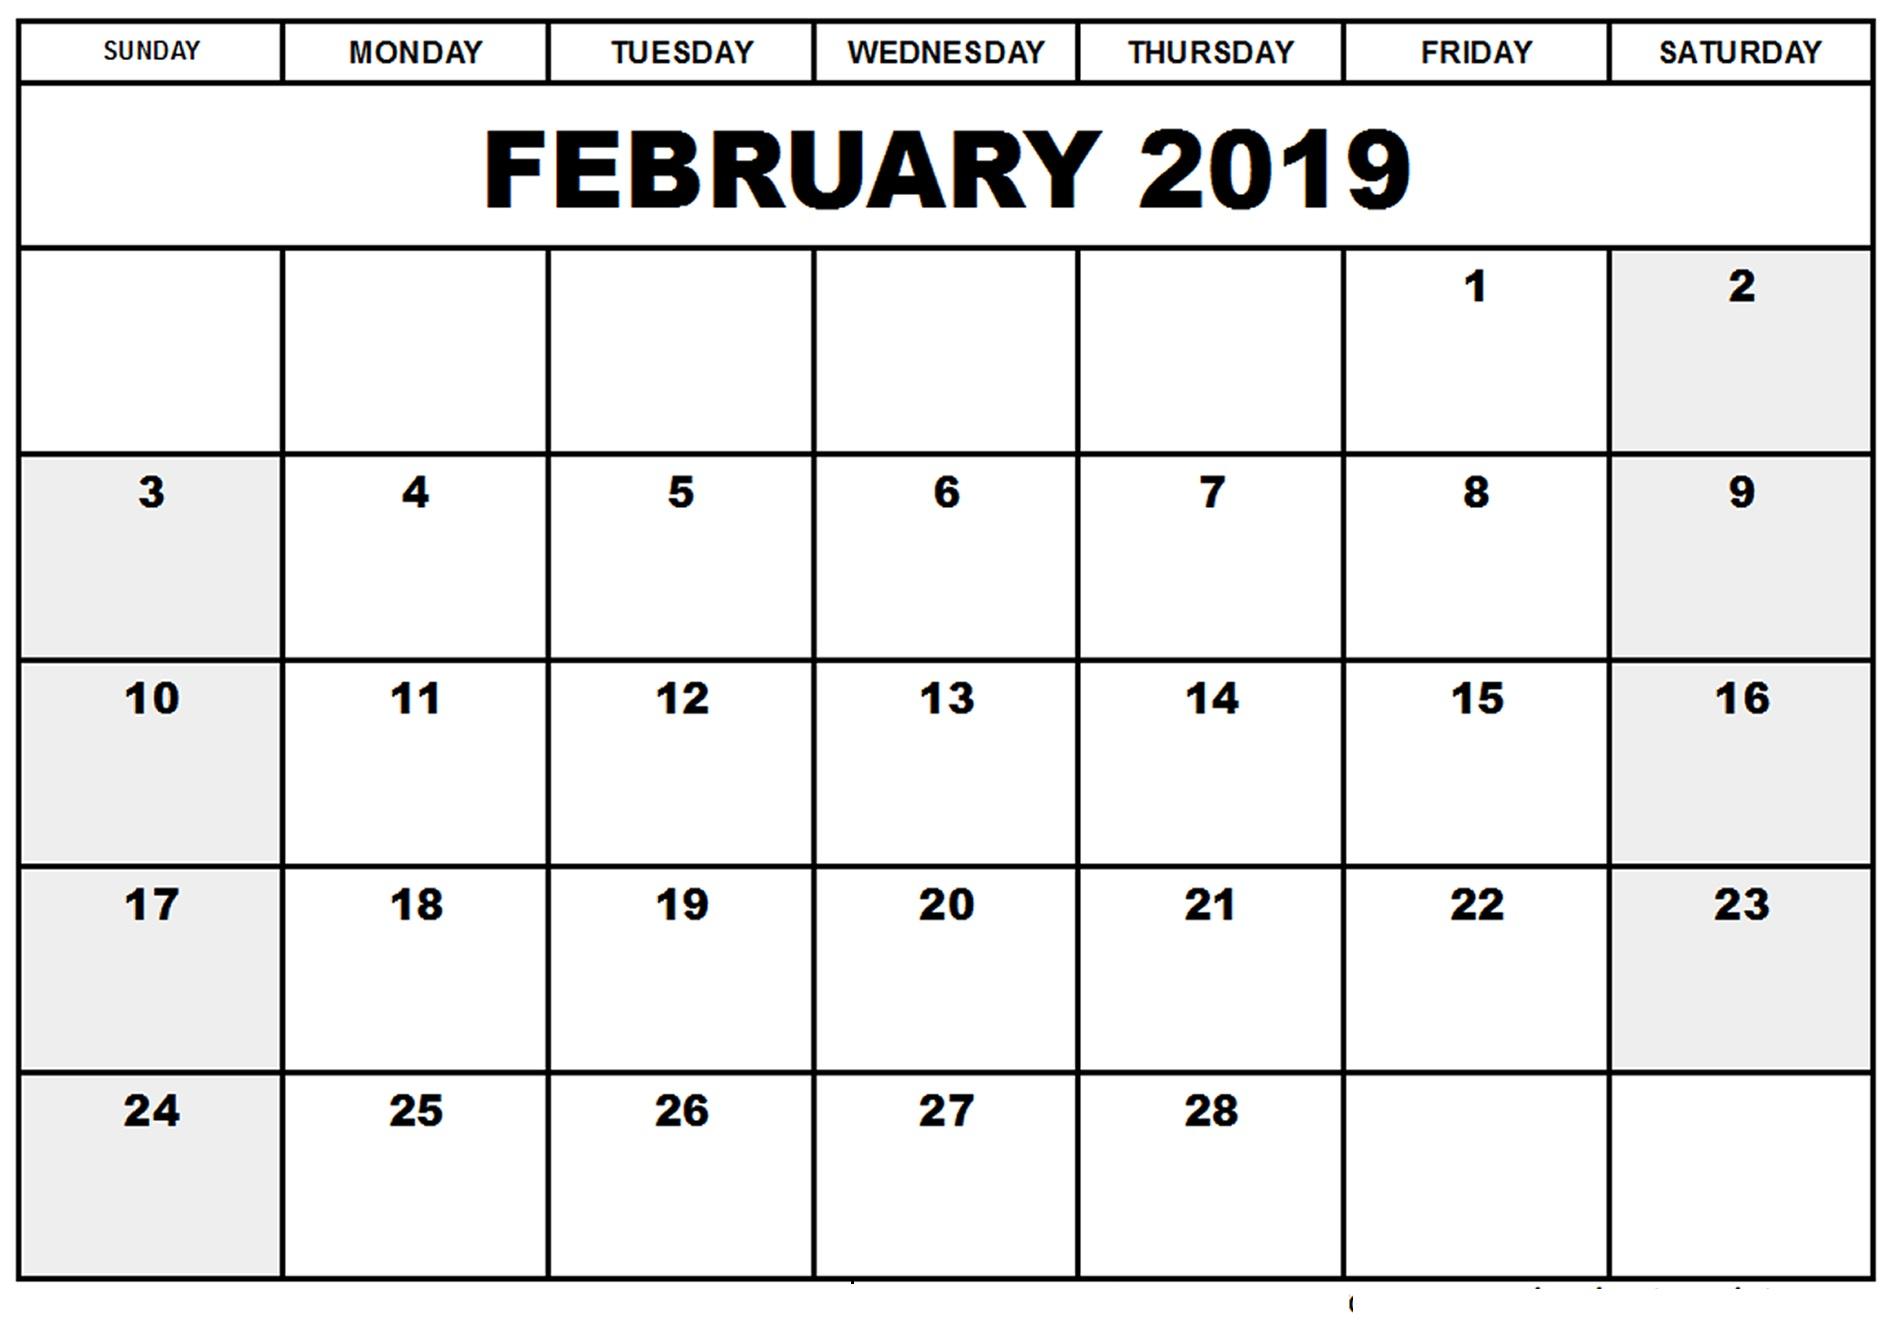 February 2019 Calendar South Africa